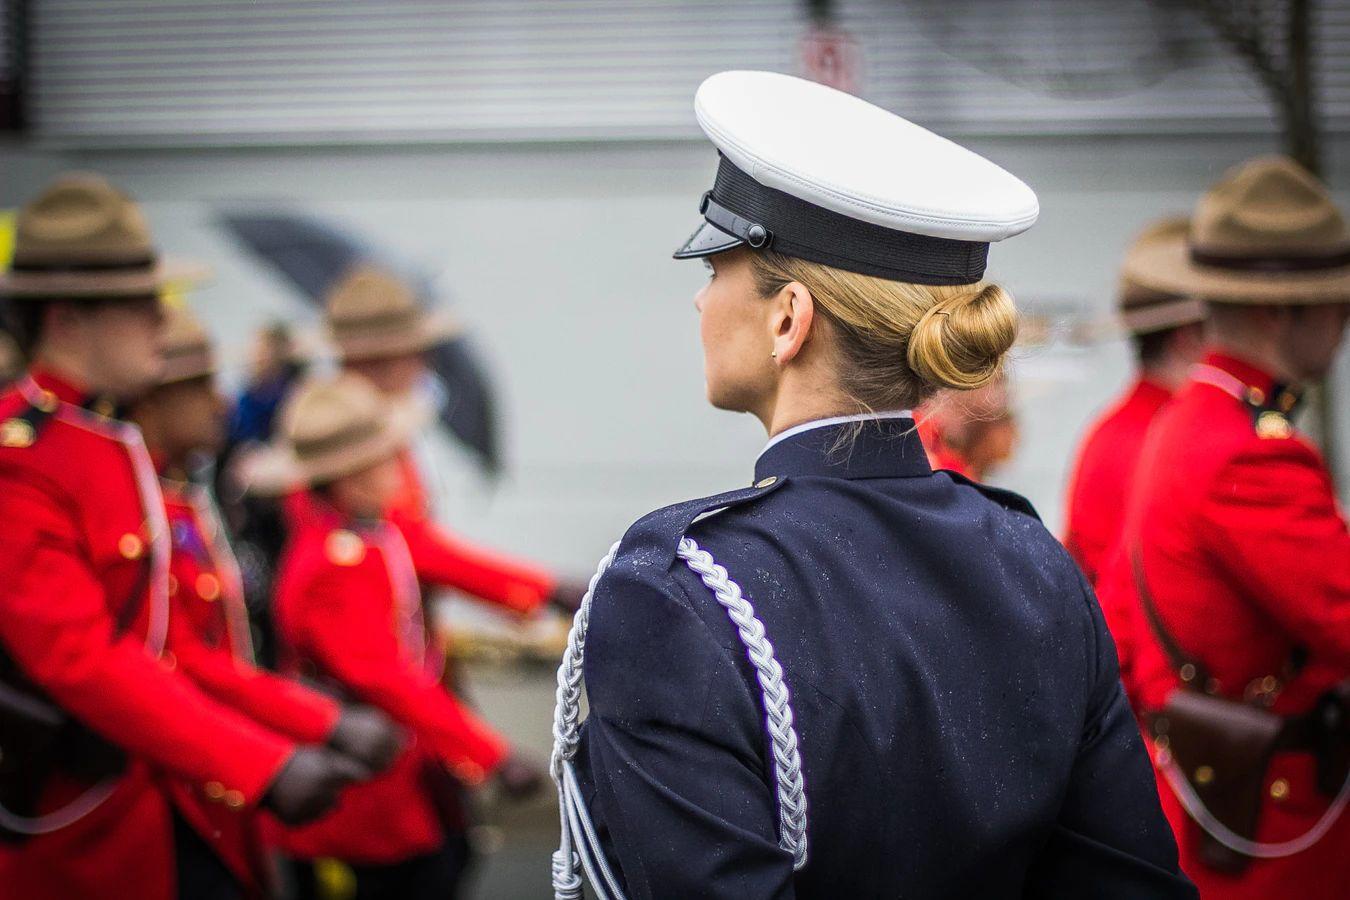 Mujer en Gendarmeria Guardia Civil Mujeres Avenir